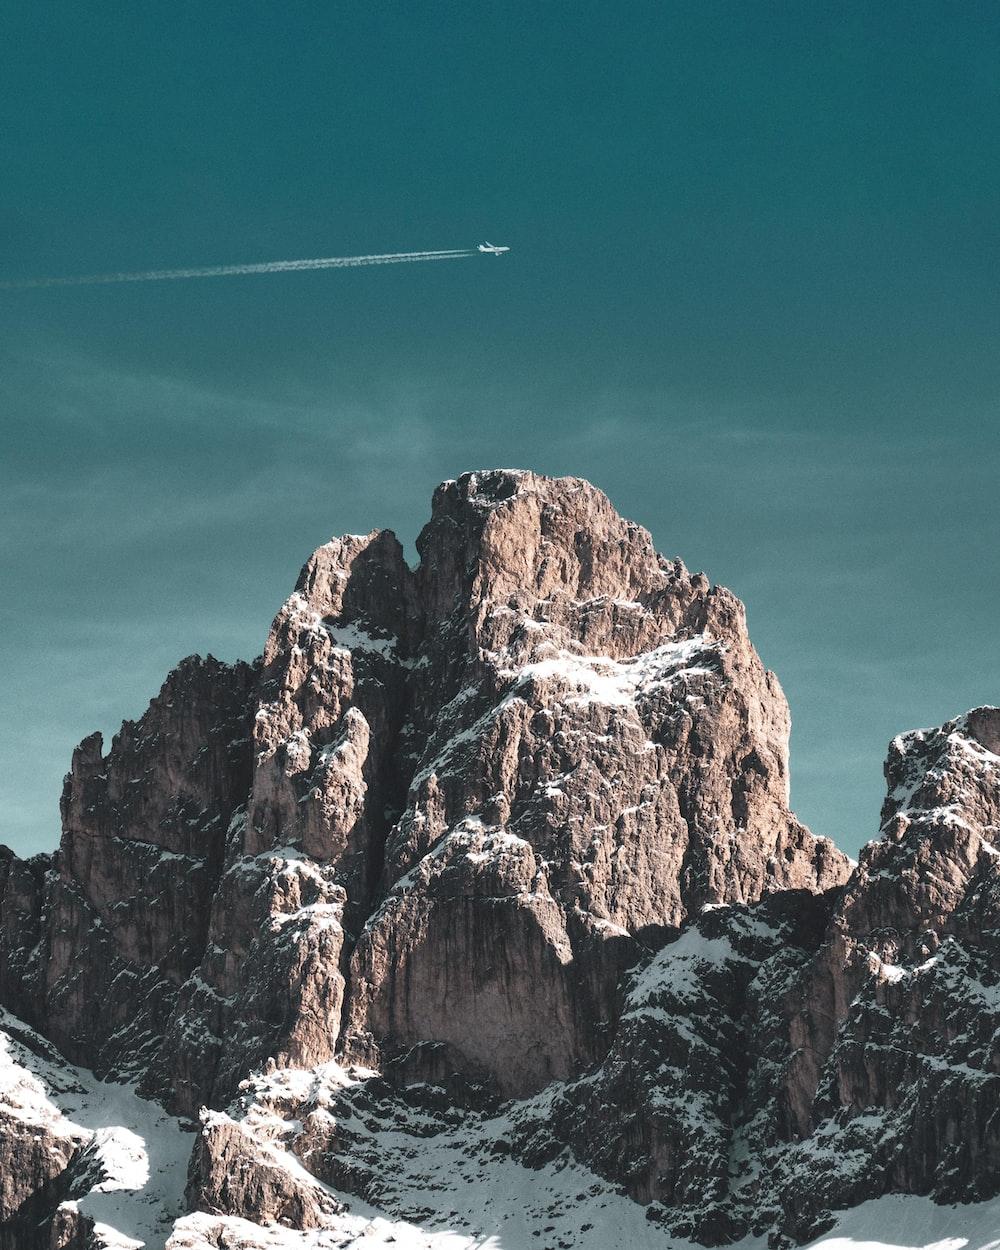 aerial photo of mountain range